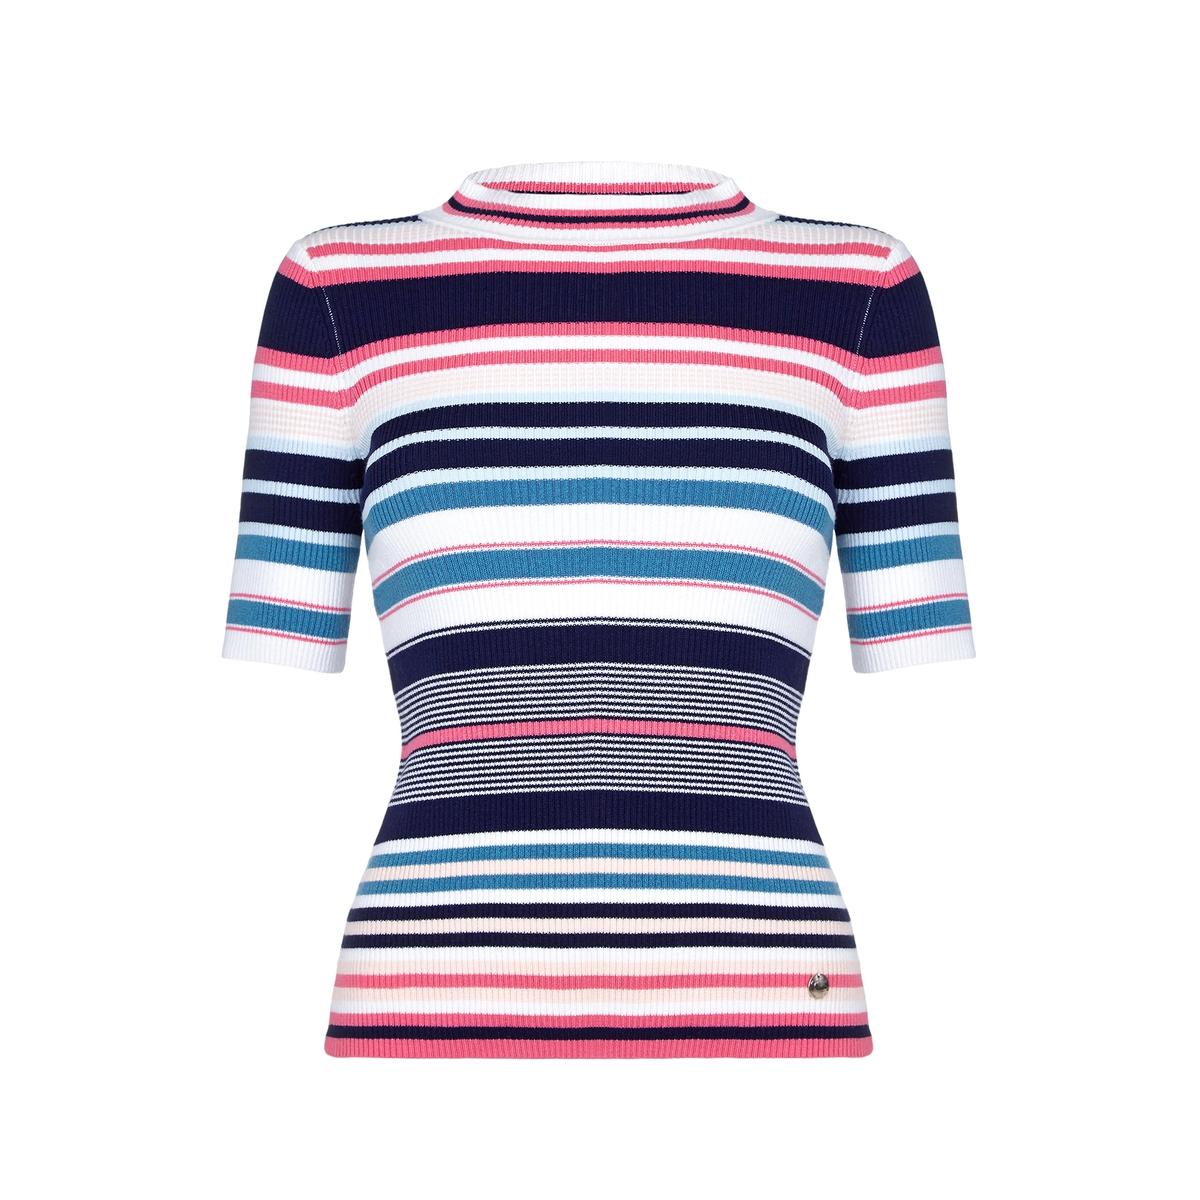 Пуловер в полоску с короткими рукавамиМатериал : 55% акрила, 45% хлопка  Длина рукава : короткие рукава  Форма воротника : высокий воротник  Покрой пуловера : стандартный  Рисунок : в полоску<br><br>Цвет: разноцветный<br>Размер: S